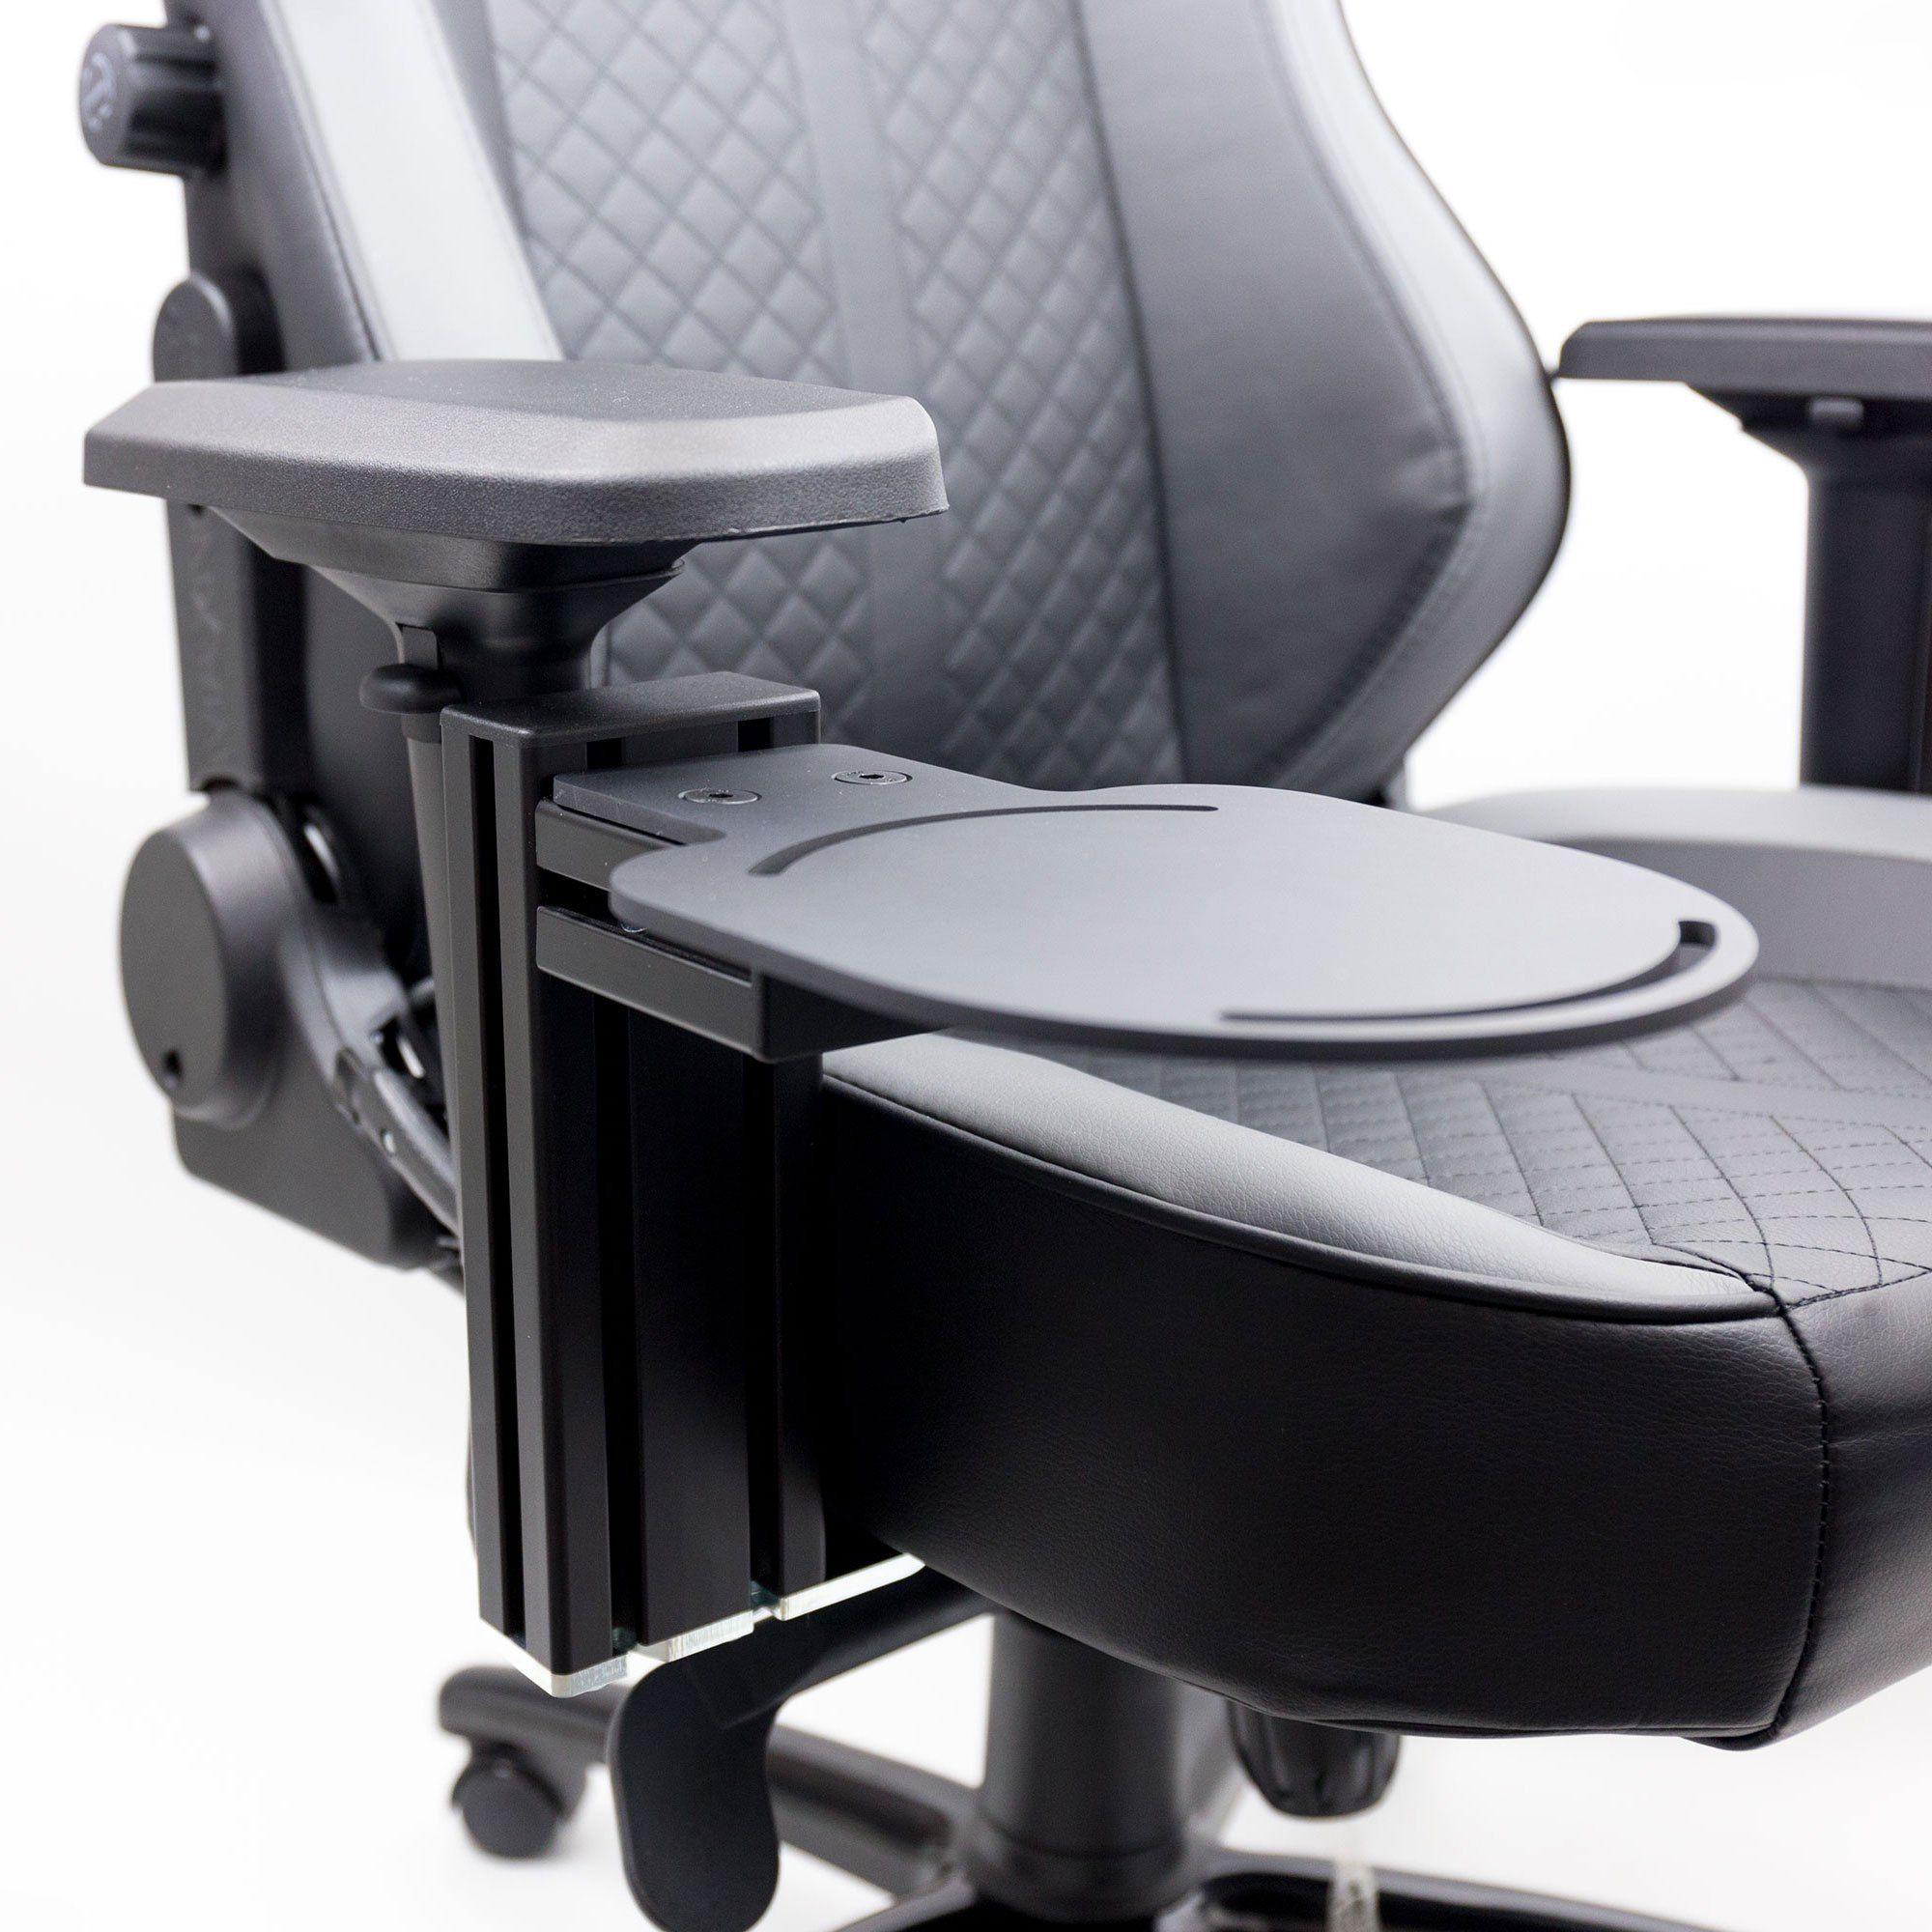 Joystick Hotas Chair Mount Monstertech Usa In 2020 Chair Aluminum Chairs Chair Design